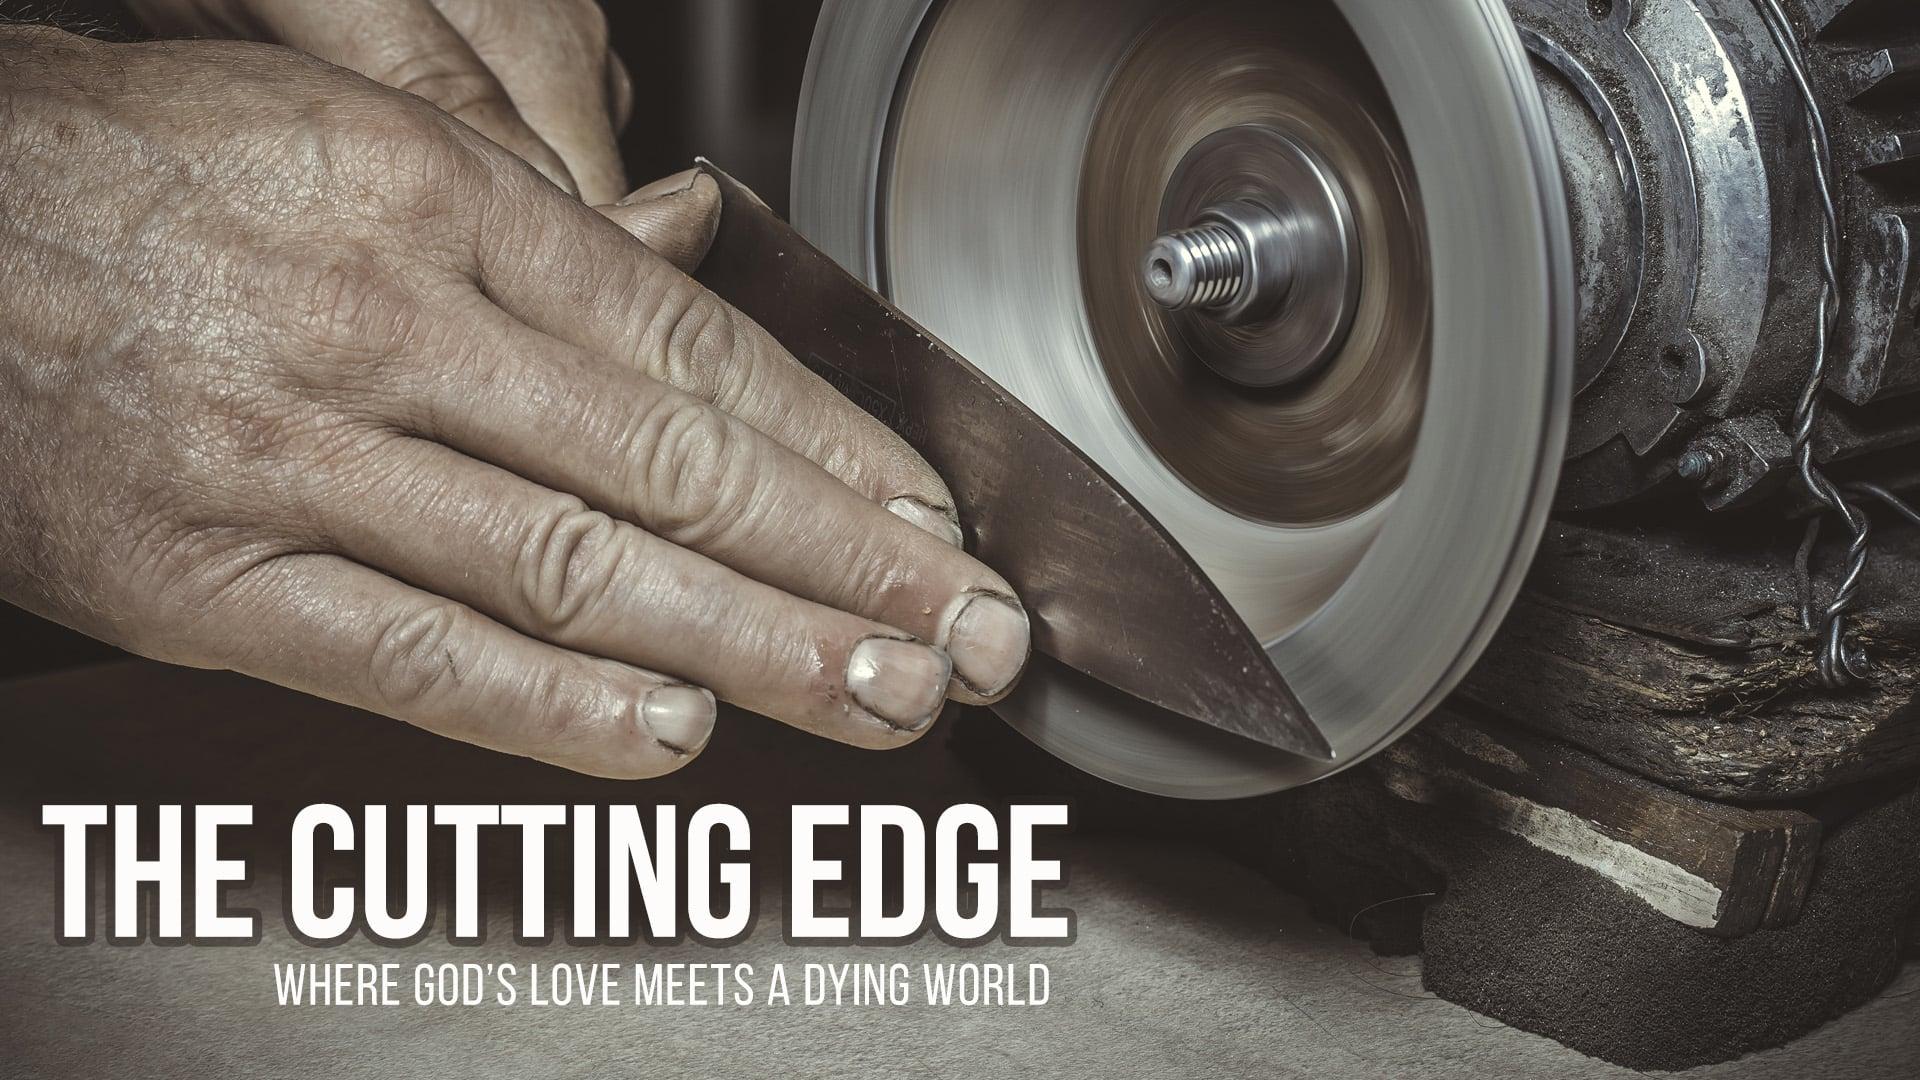 Cutting Edge - 3 - Fatherhood